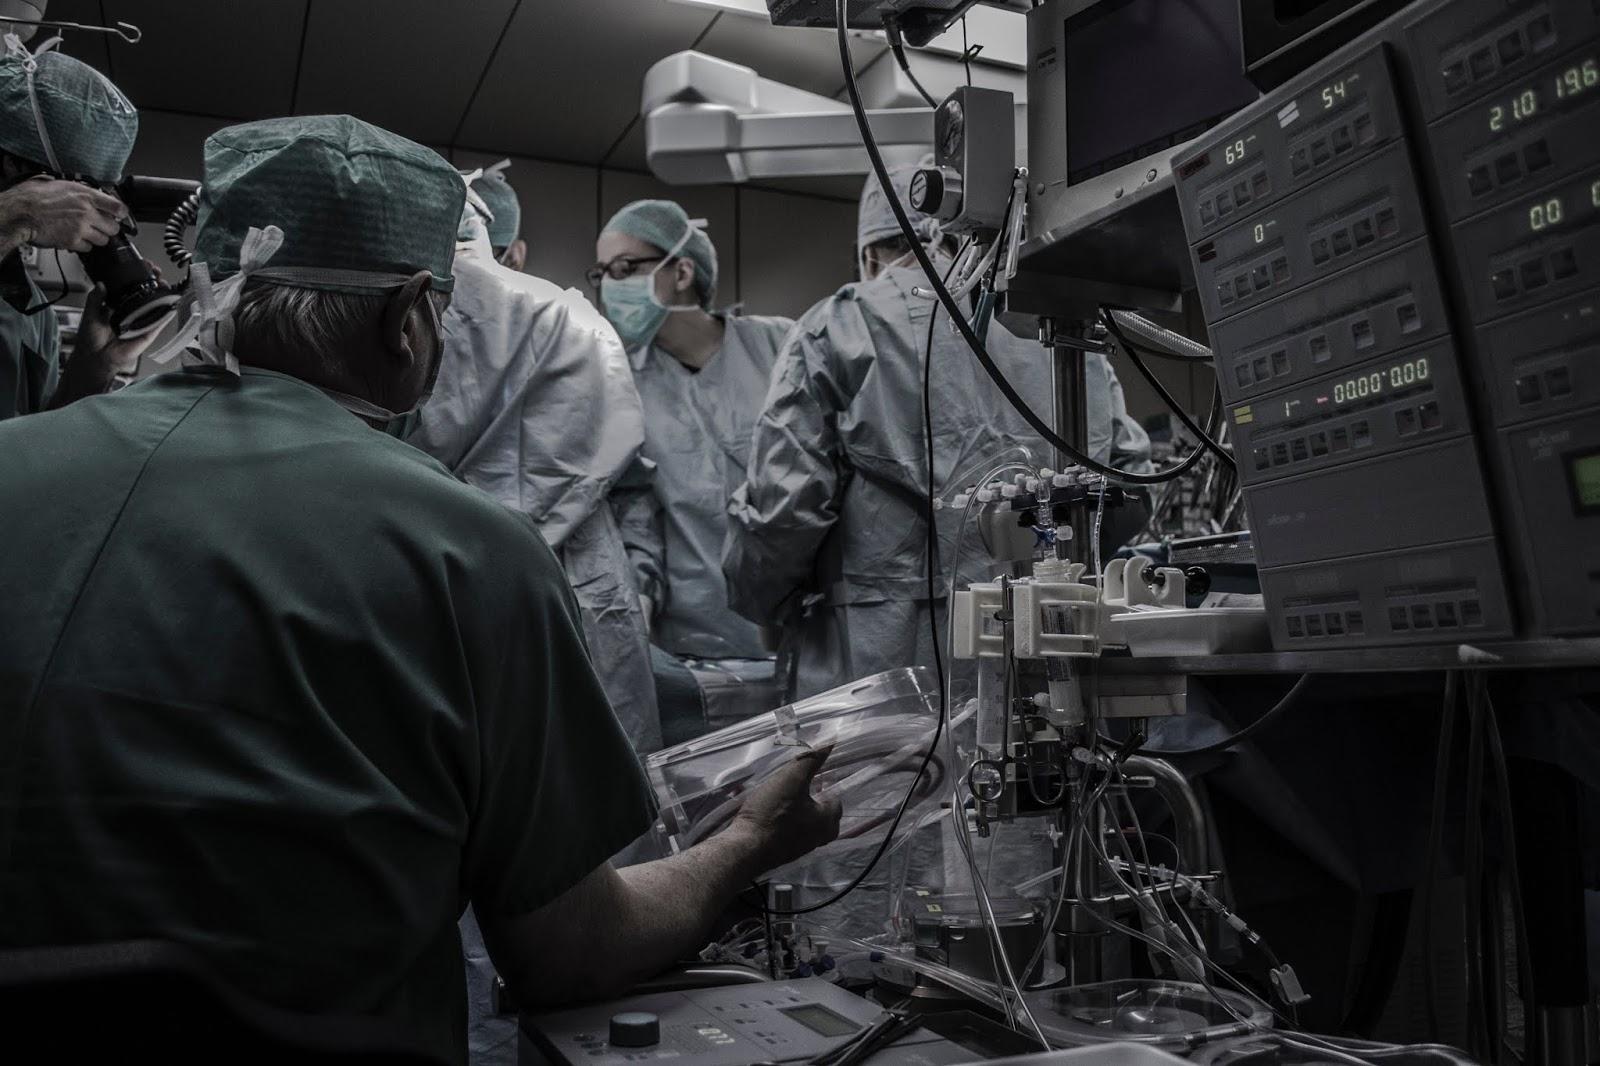 aborcja medyczna i chirurgiczna, jak przebiega, bezpieczna, syndrom poaborcyjny